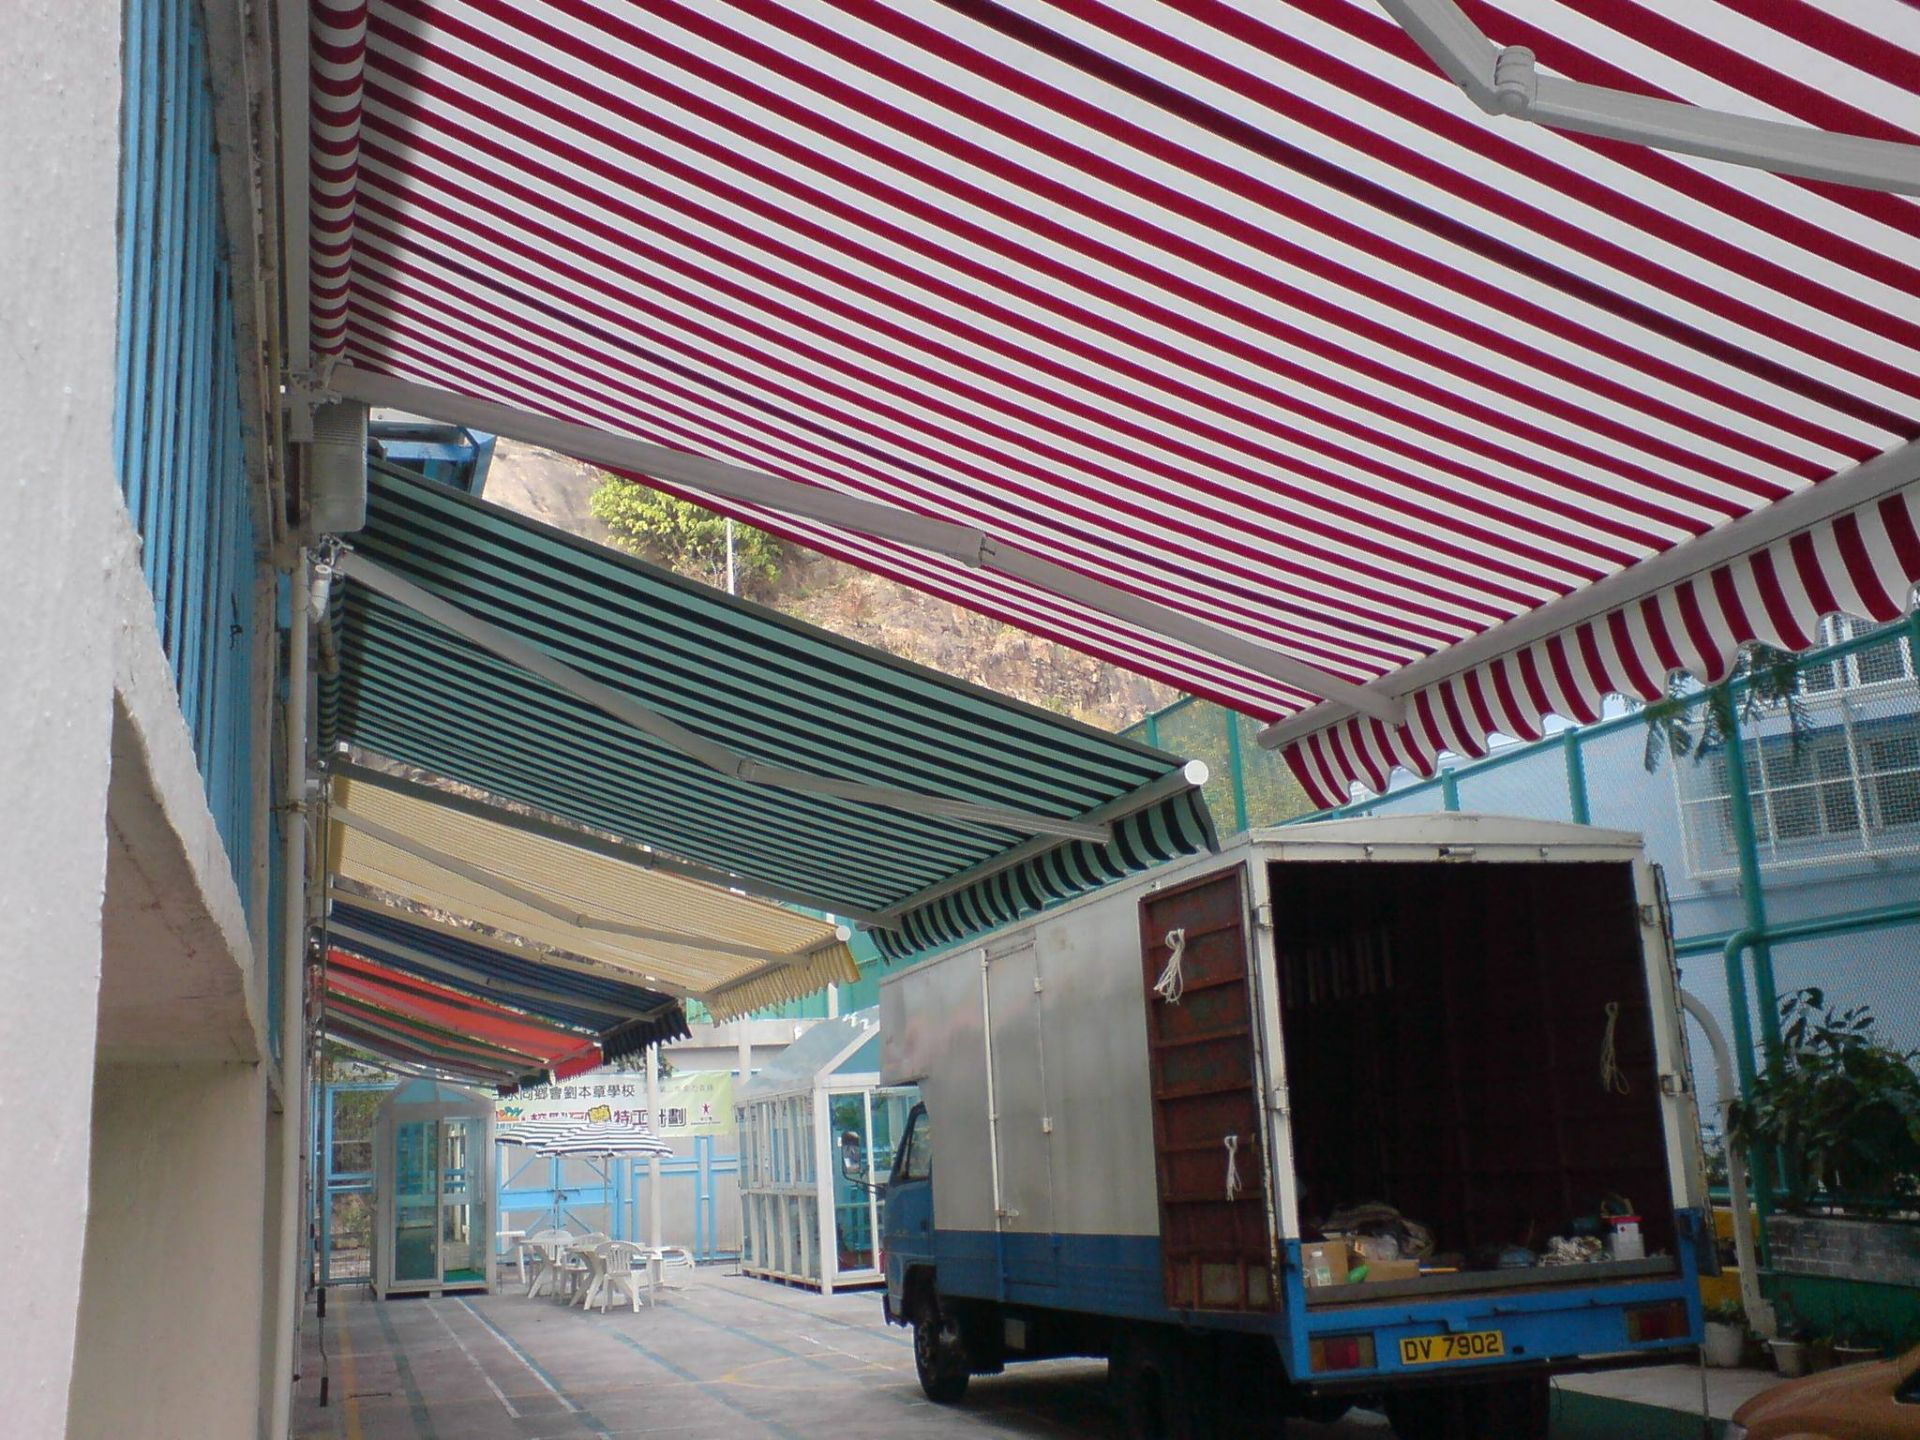 伸缩遮雨棚 欧式多角度遮雨棚 营造休闲氛围,及弥补室内空间不足的